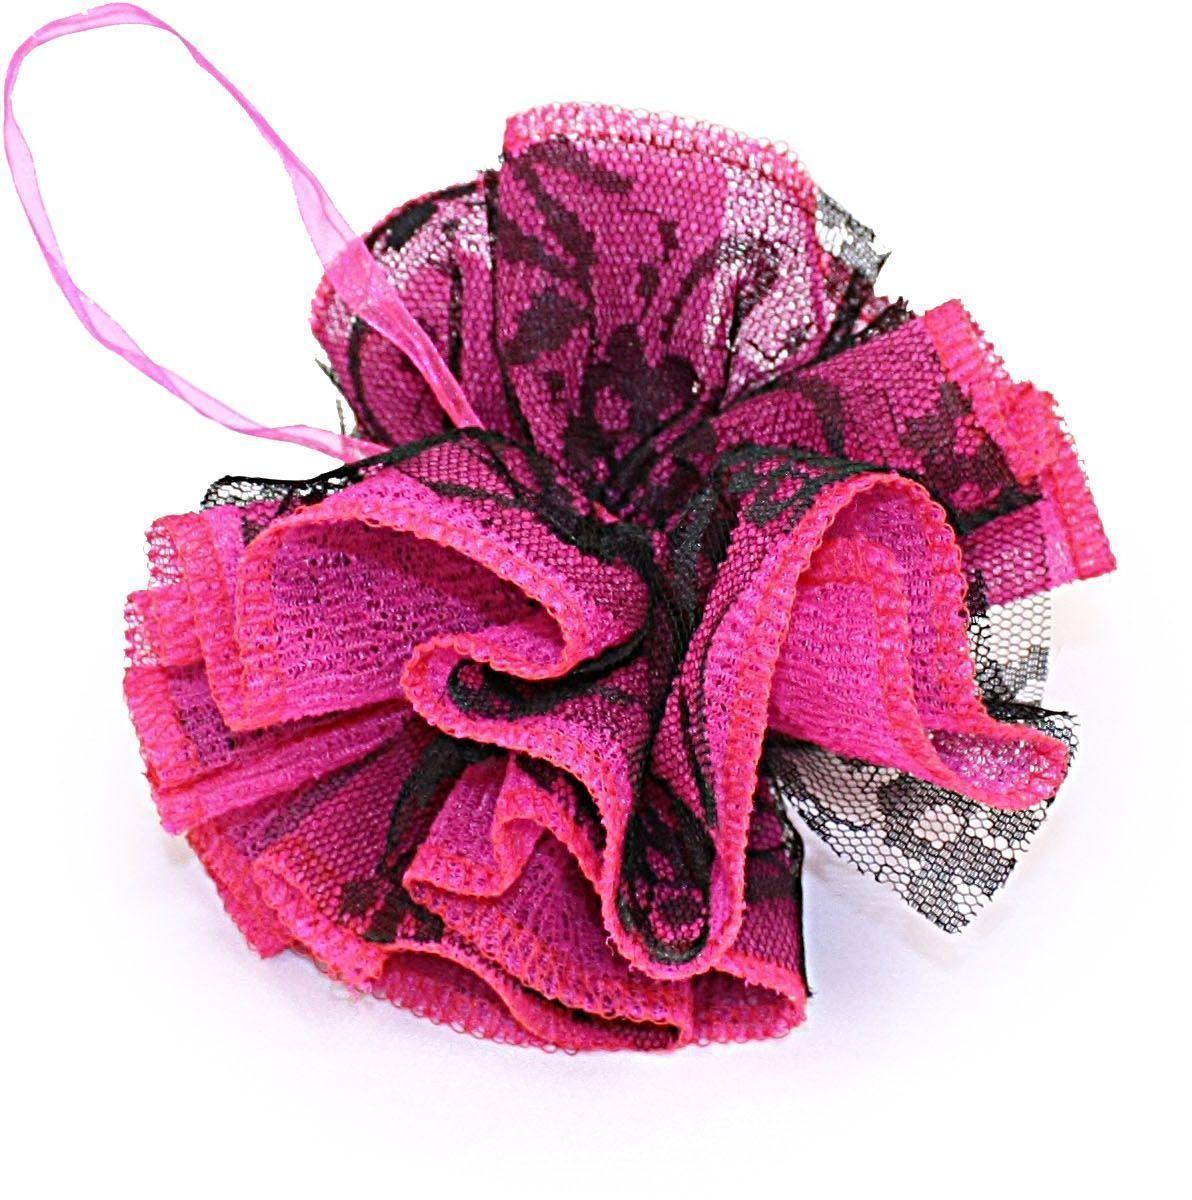 Мочалка Eva Бантик Ажур. Ladies. М346FM 5567 weis-grauНовый уникальный дизайн, отличное сочетание цветов.